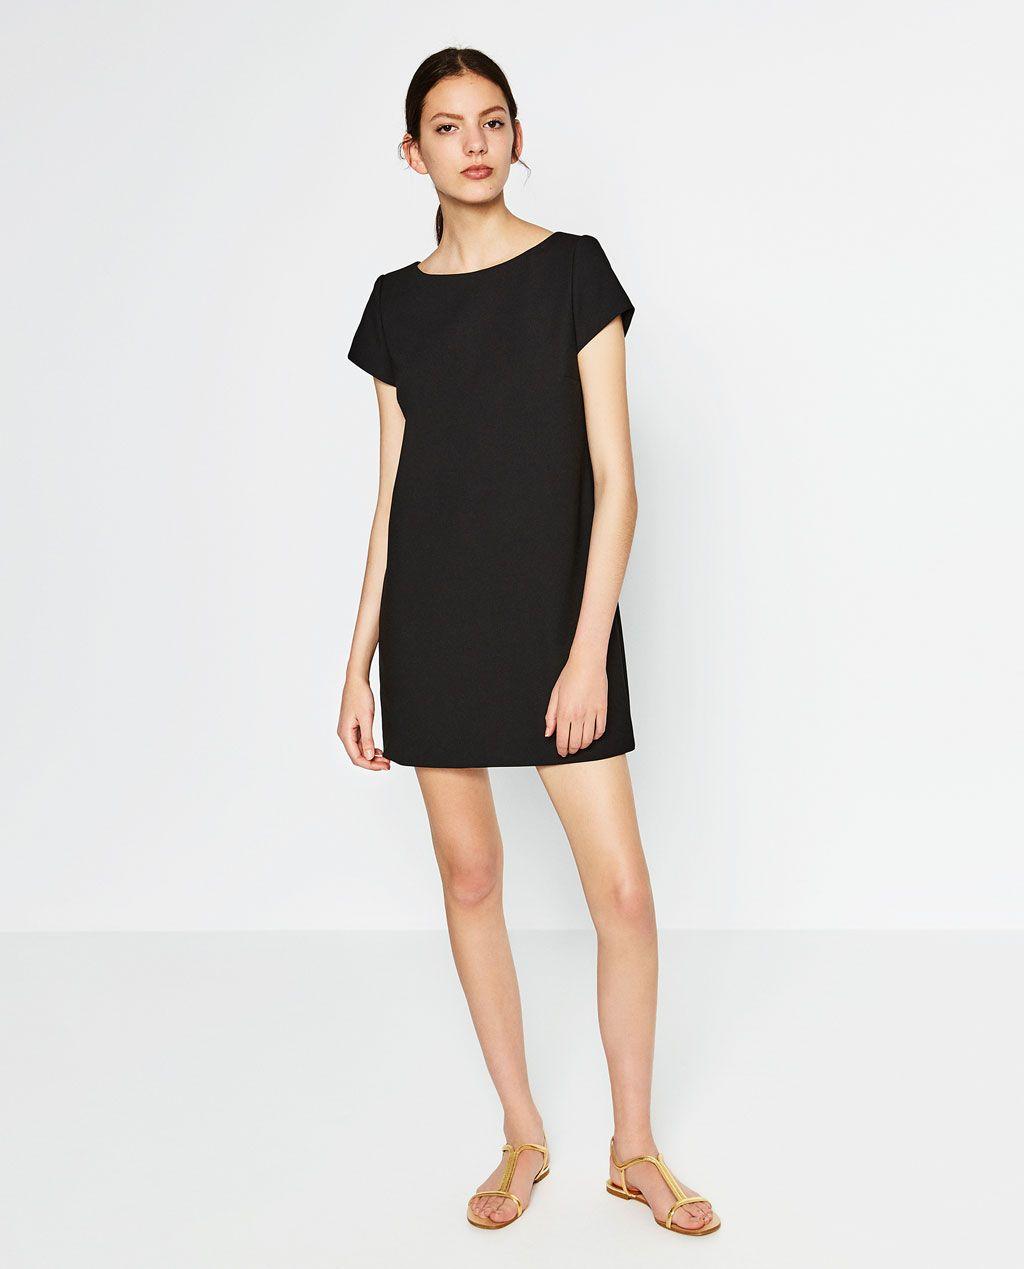 4d16eaf9d09 robe trapeze zara. Je veux voir plus de vêtements pour femmes biens notés  par les internautes et pas cher ICI